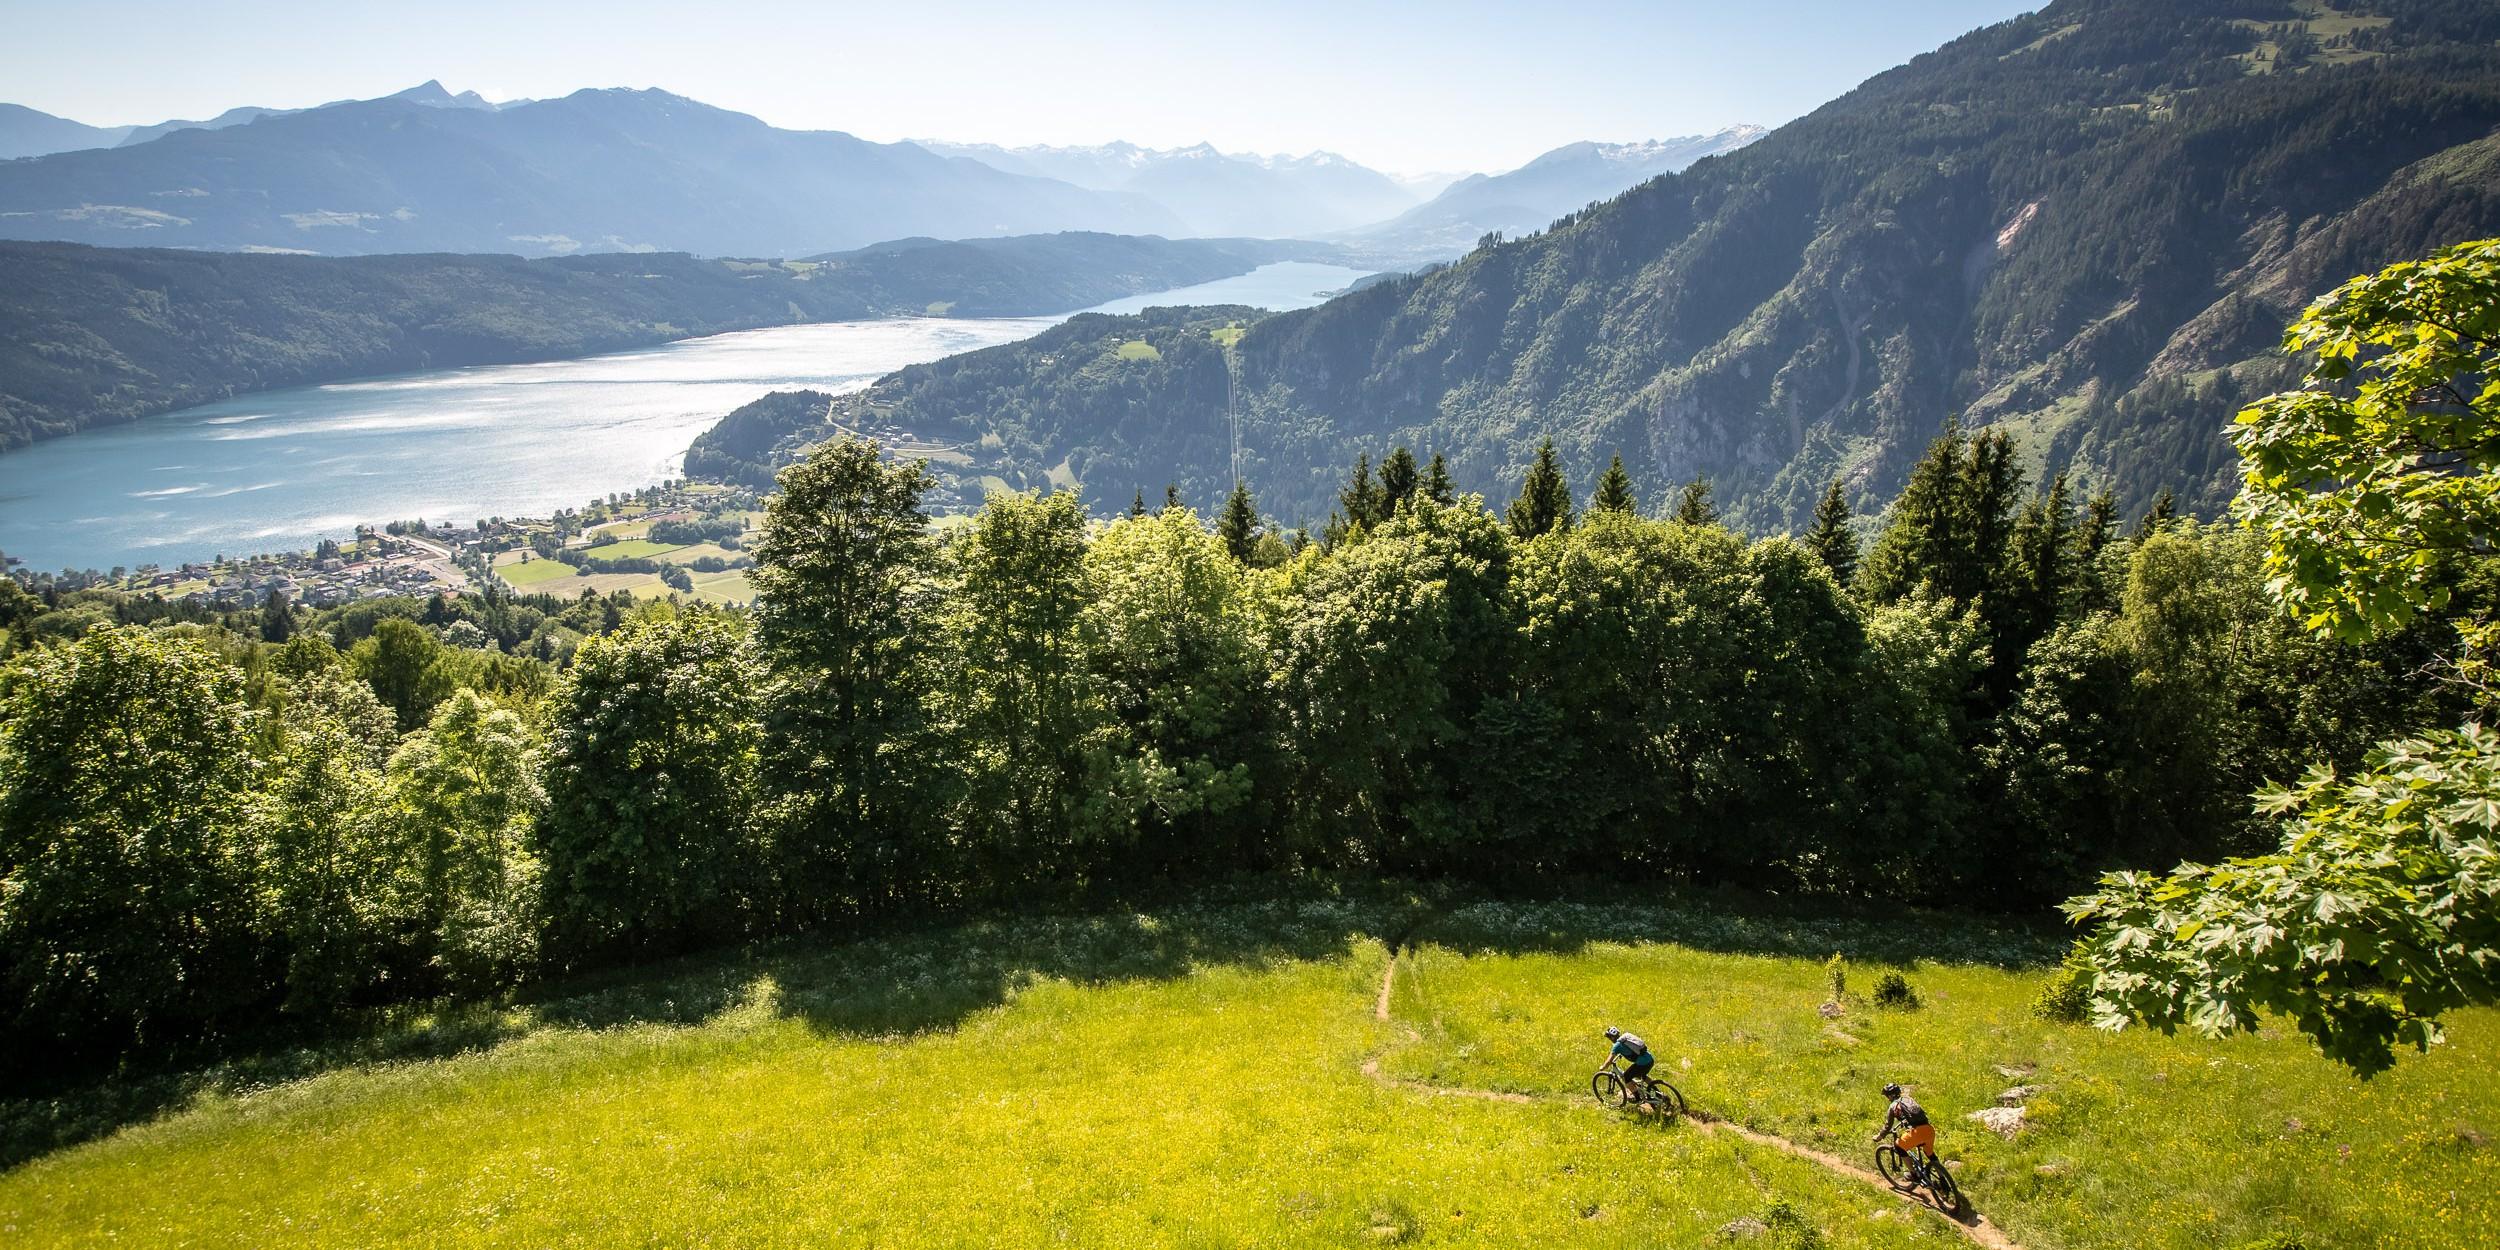 Nockbiken vom Berg zum See